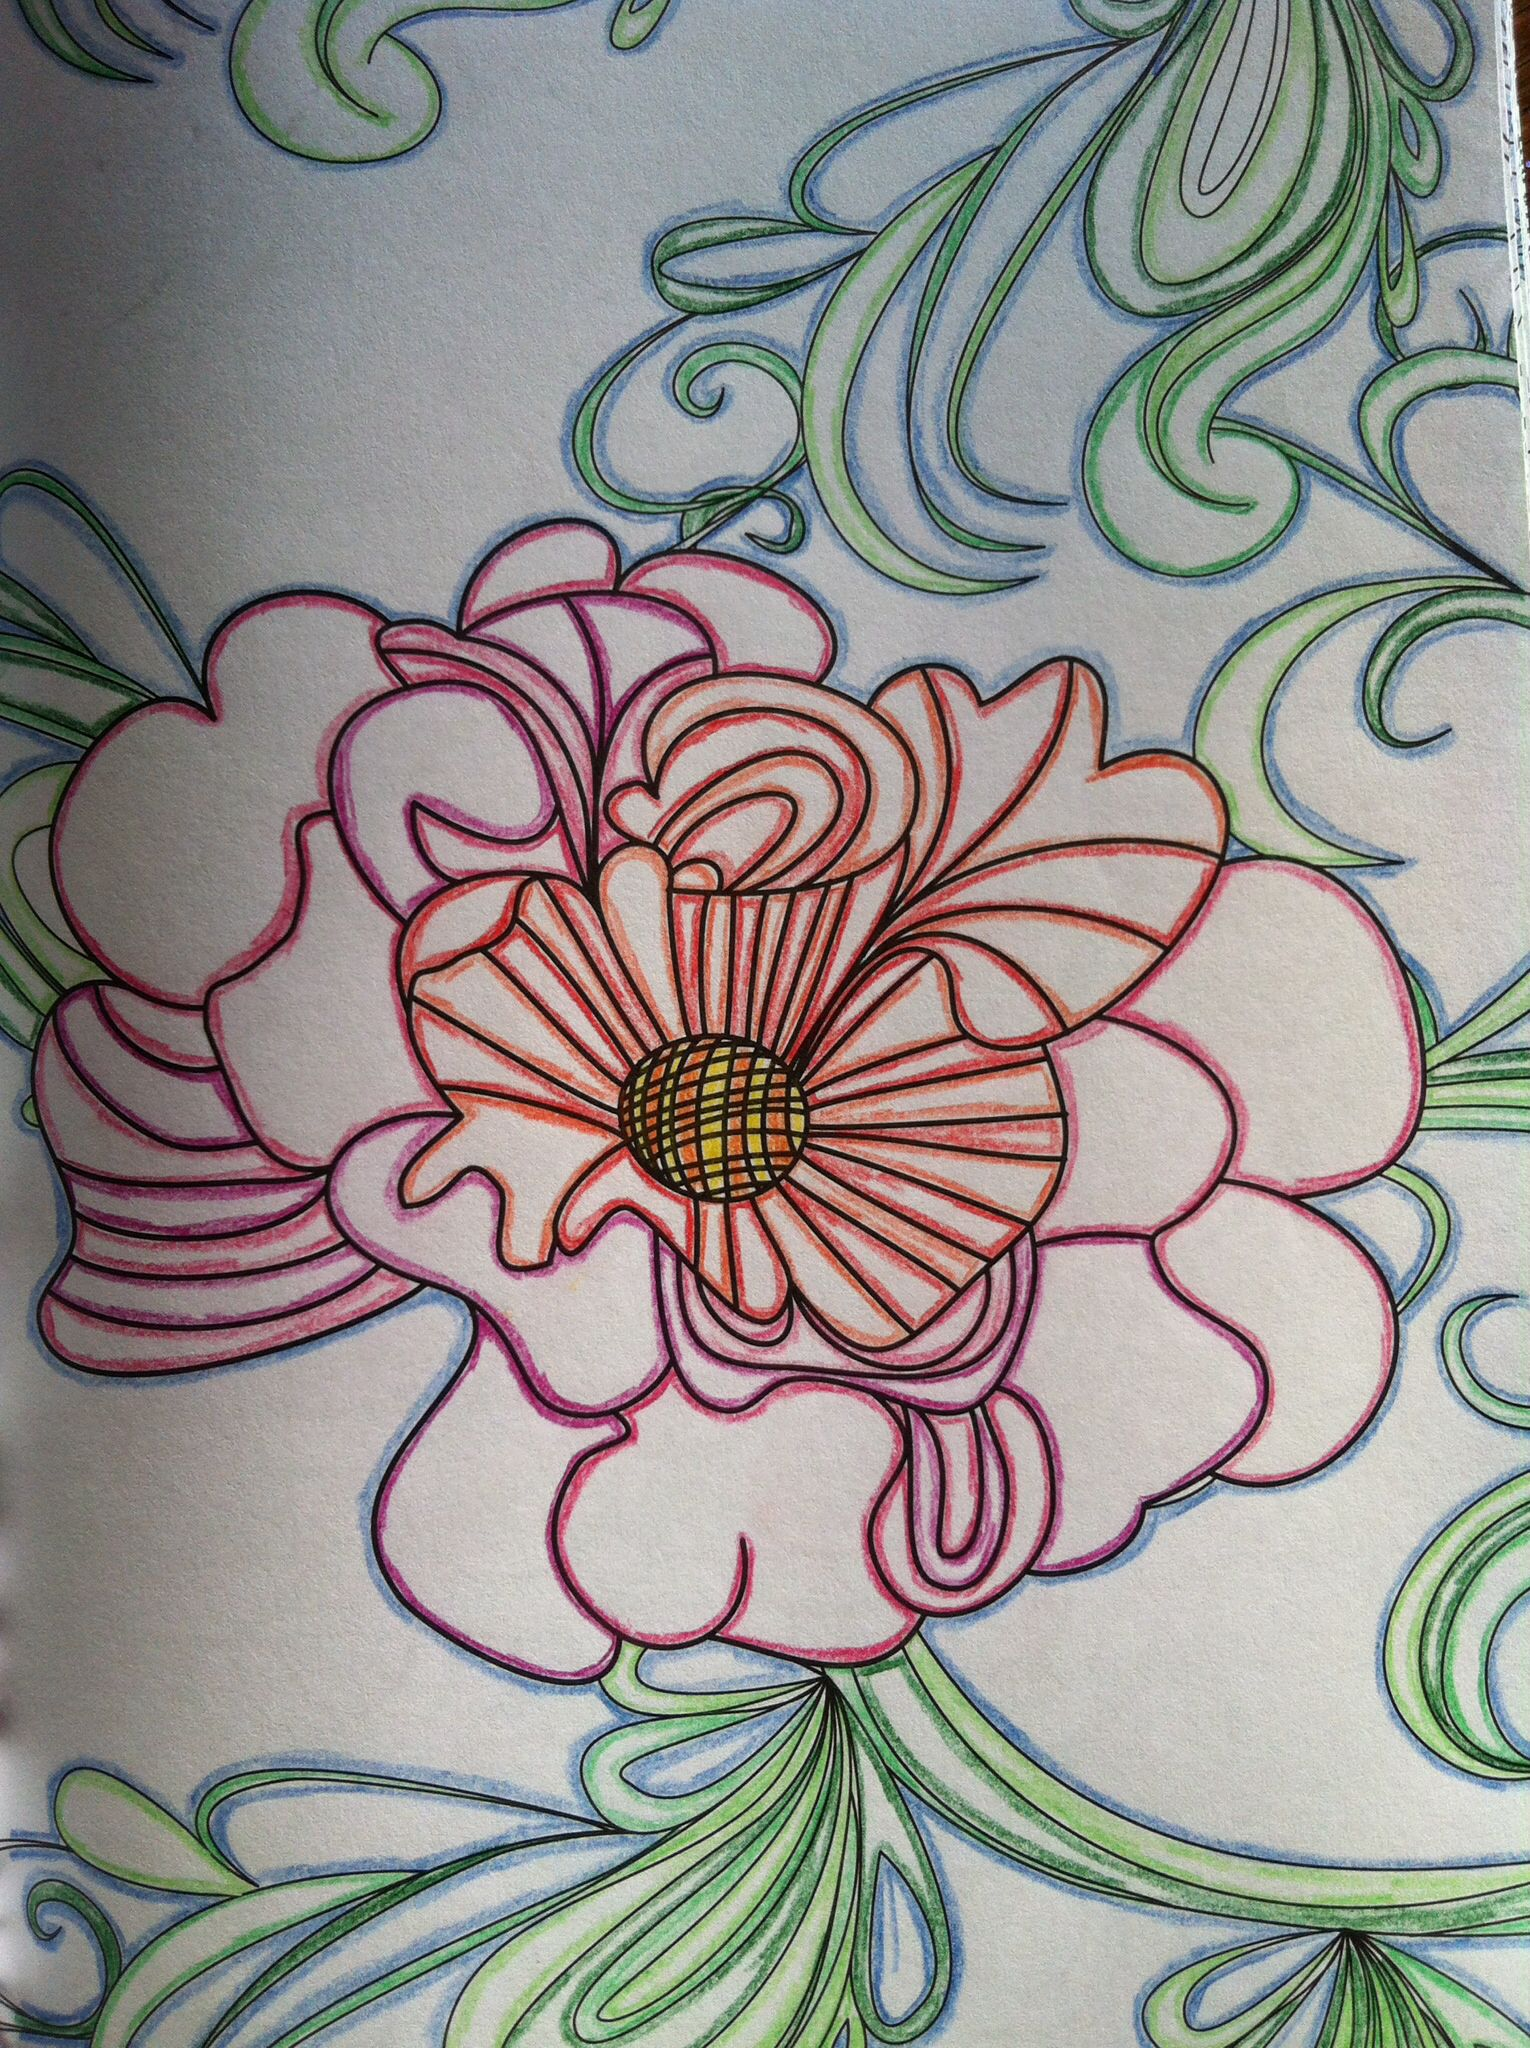 Kleuren Voor Volwassenen Een Gekleurd Streepje Langs De Lijntjes Grappig Effect Kleurboek Voor Volwassen Ingekleurd Kleuren Kleurenleer Kleurboek